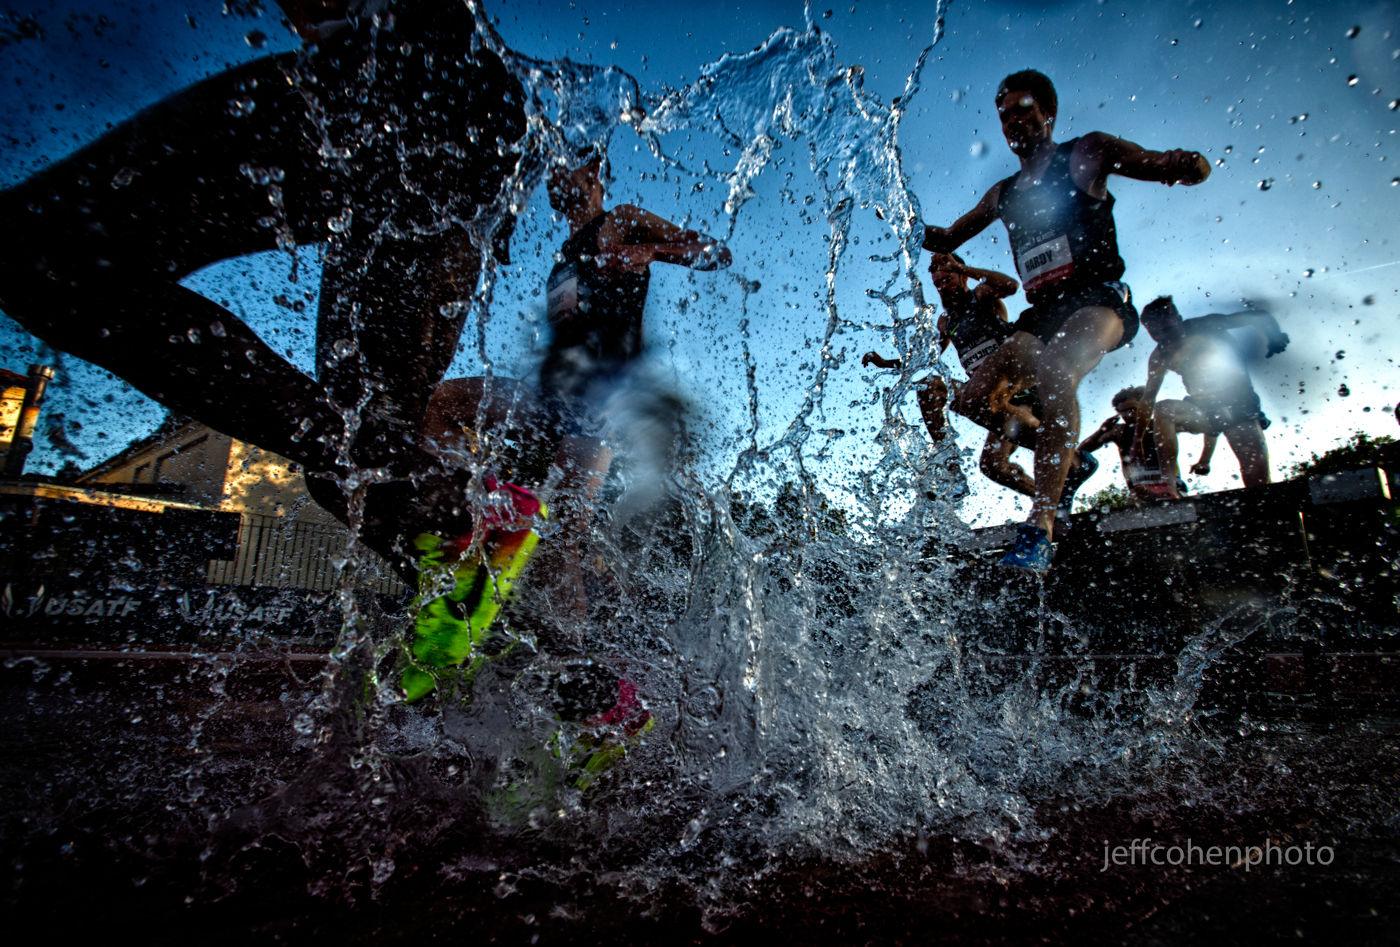 1r2017_oxy_distance_meet_steeple_m_splash_jeffcohenphoto_5014web.jpg